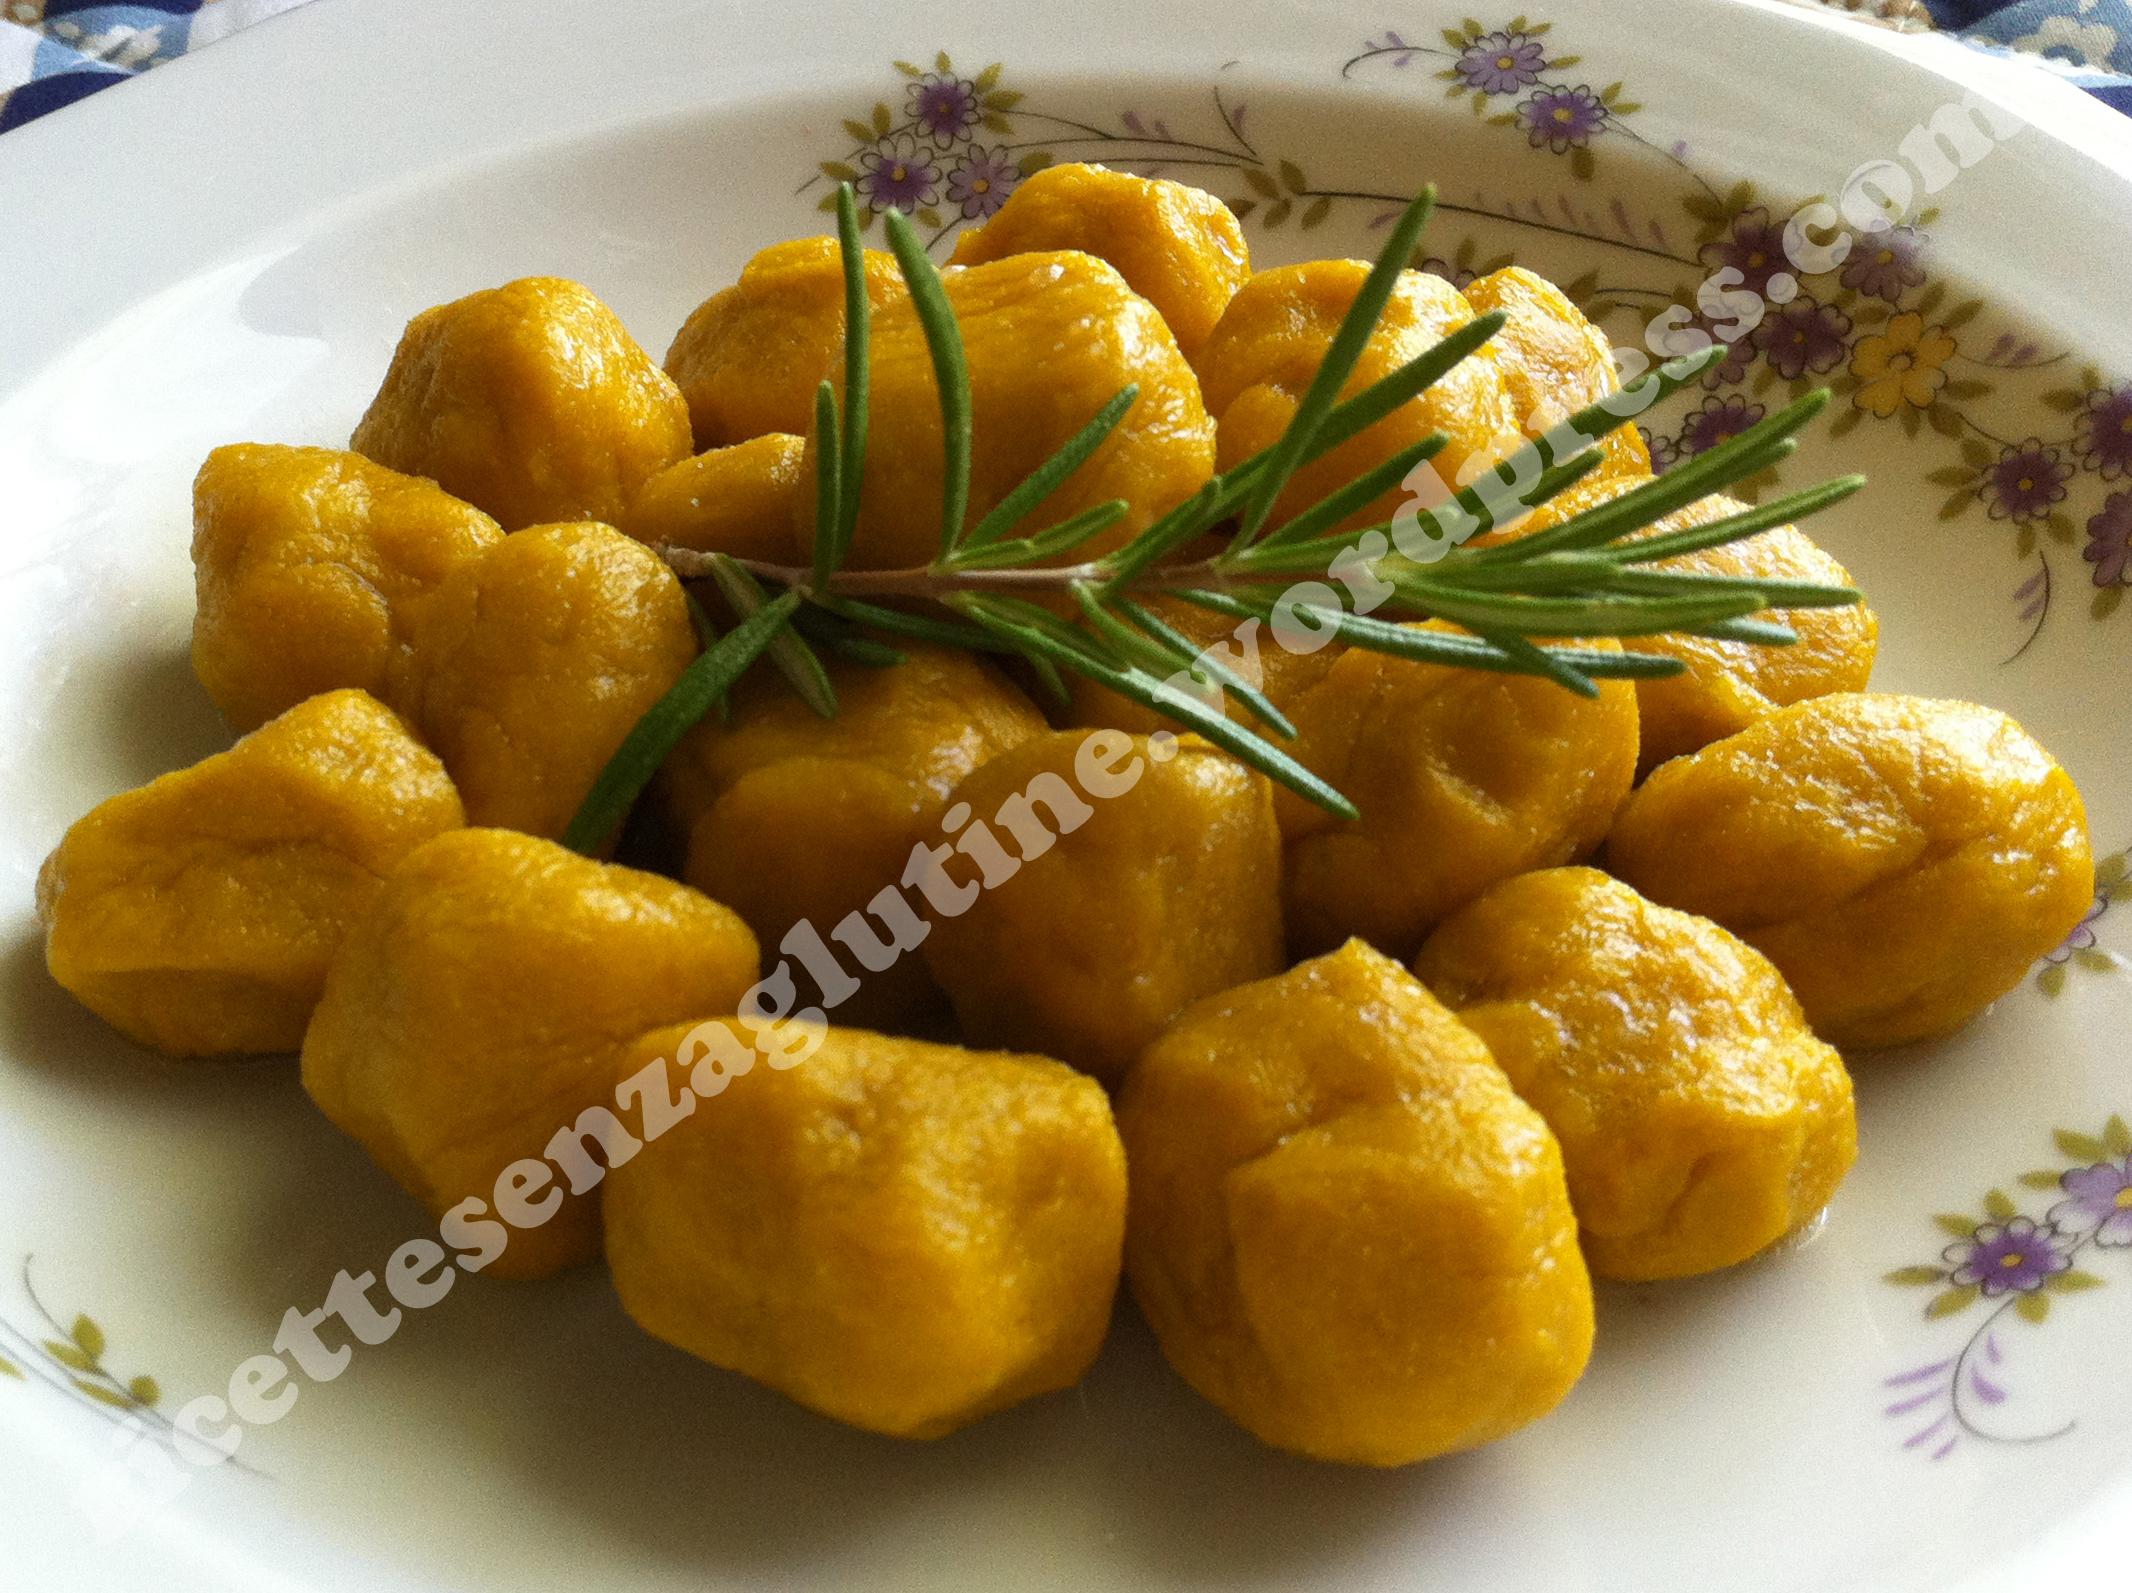 Ricetta Gnocchi Di Zucca Per Celiaci.Gnocchi Di Zucca Ricette Senza Glutine